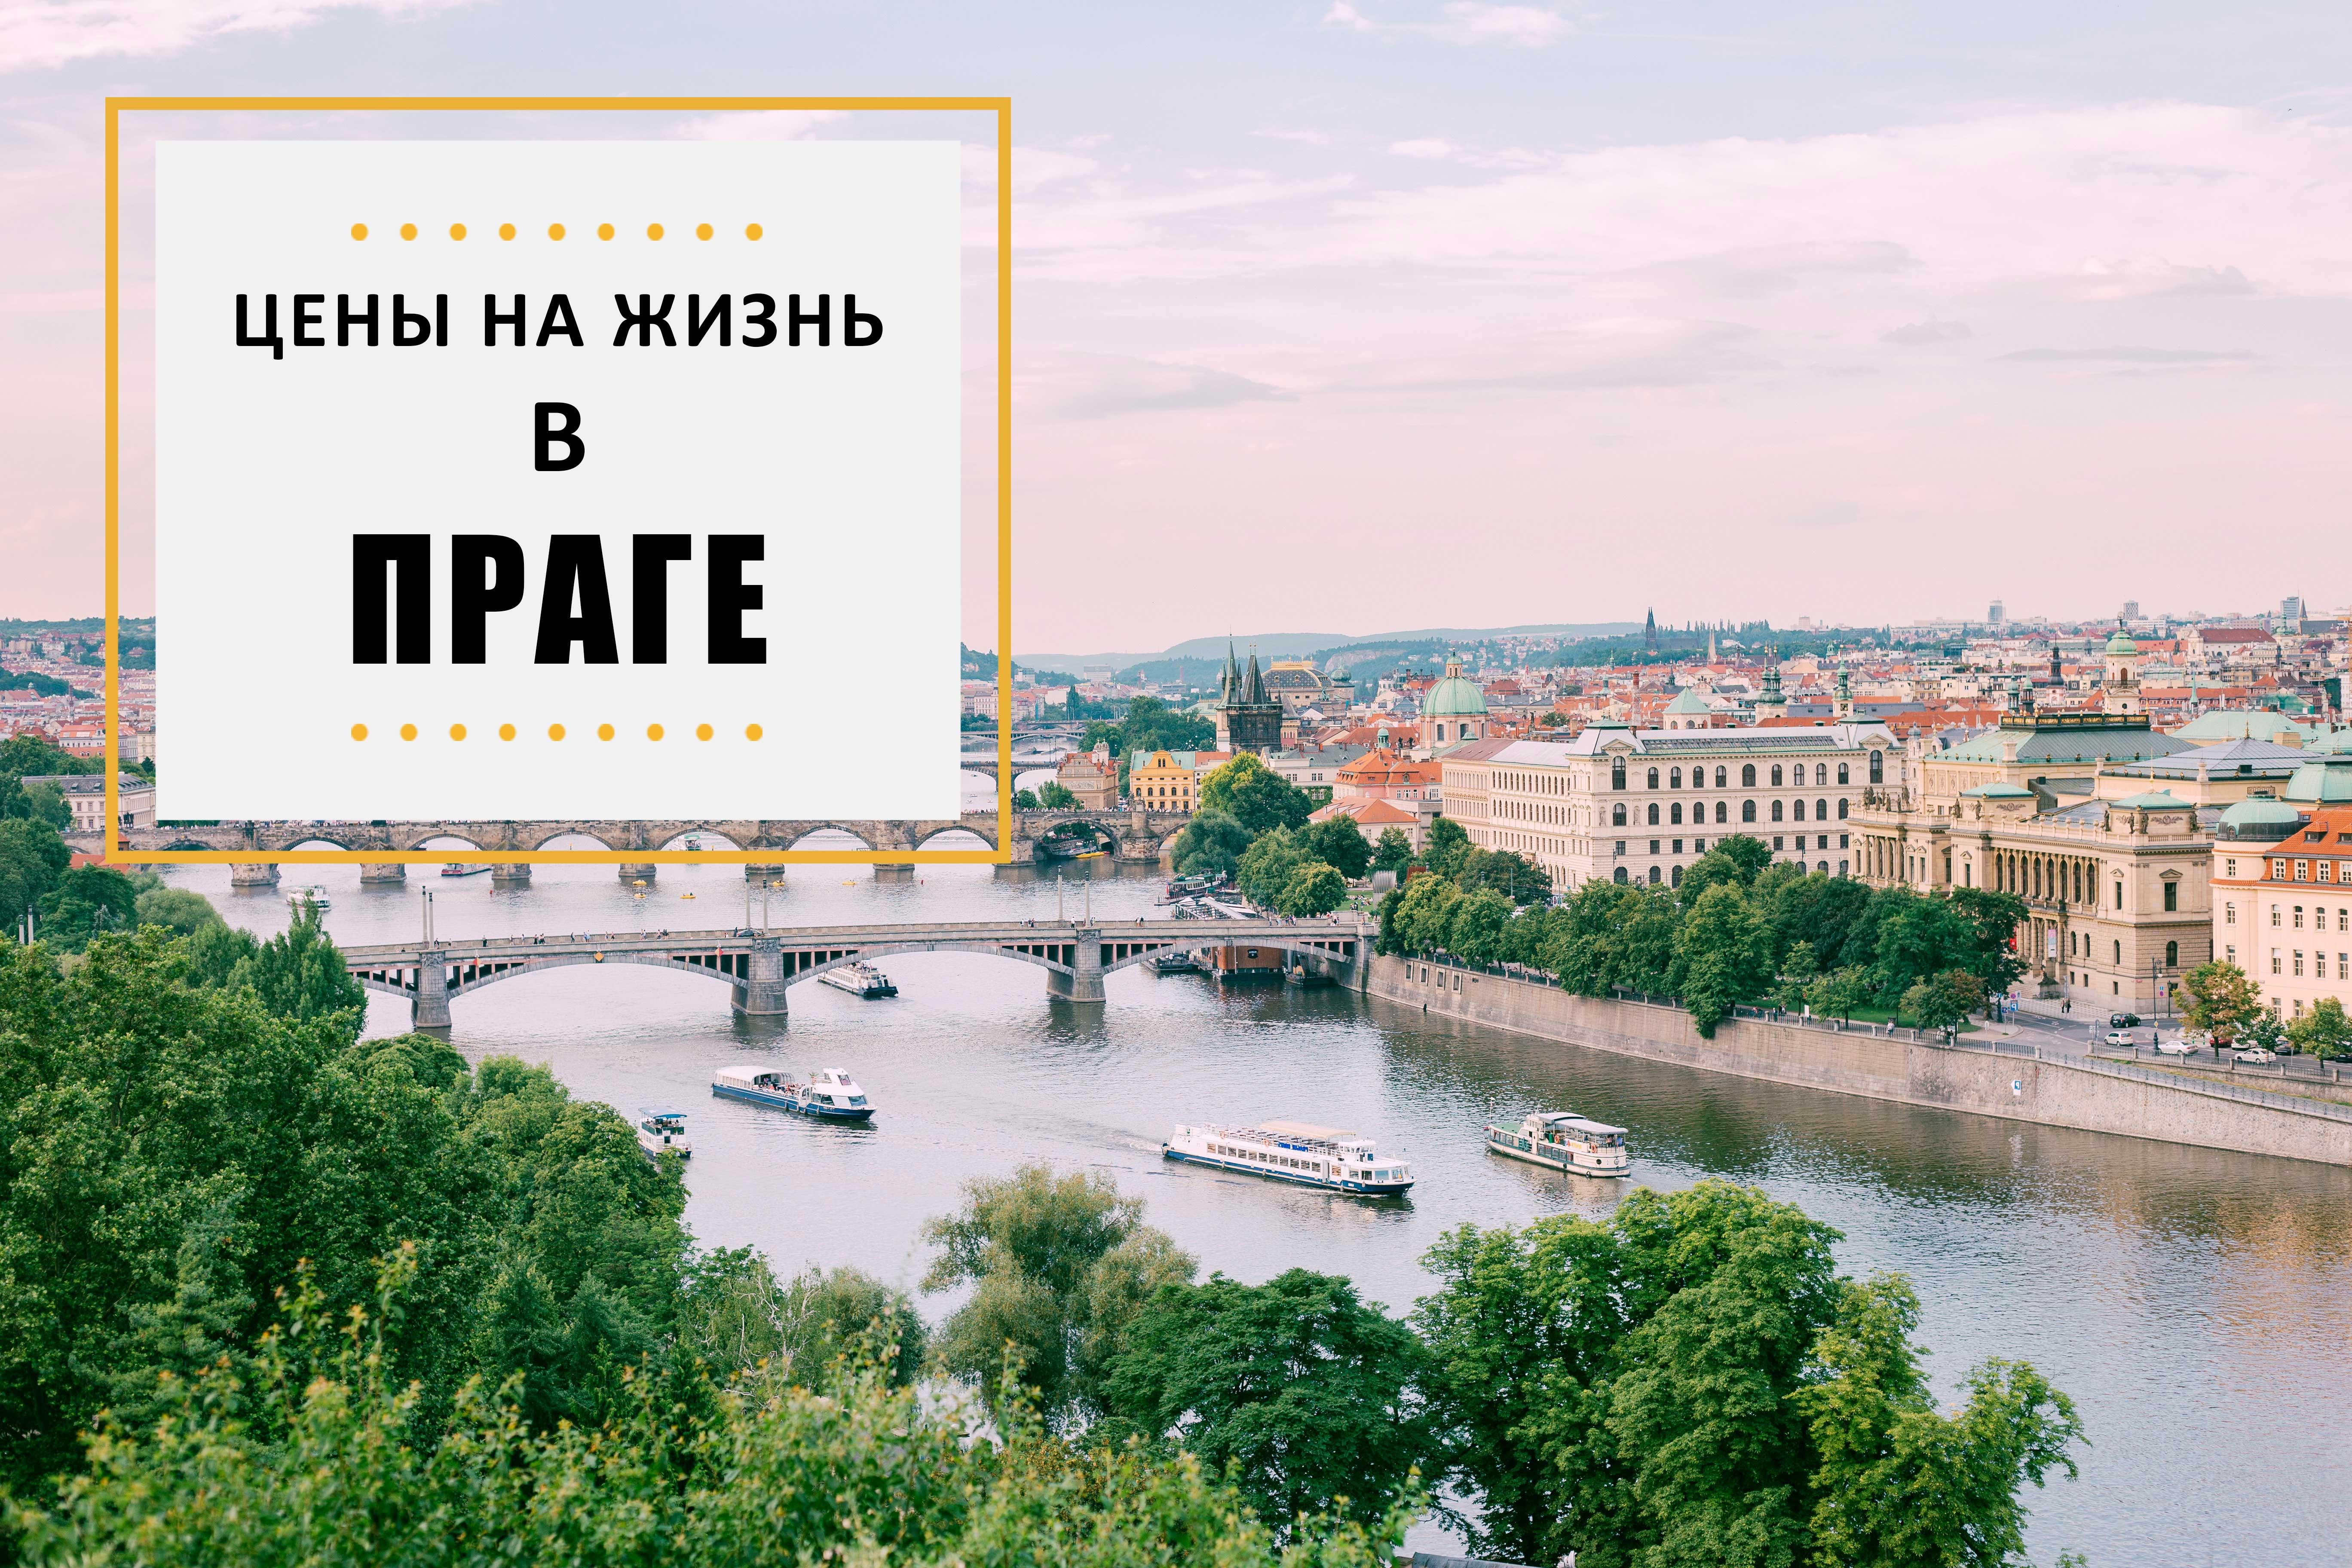 Стоимость проживания в Праге, Чехия – аренда жилья, продукты и транспорт